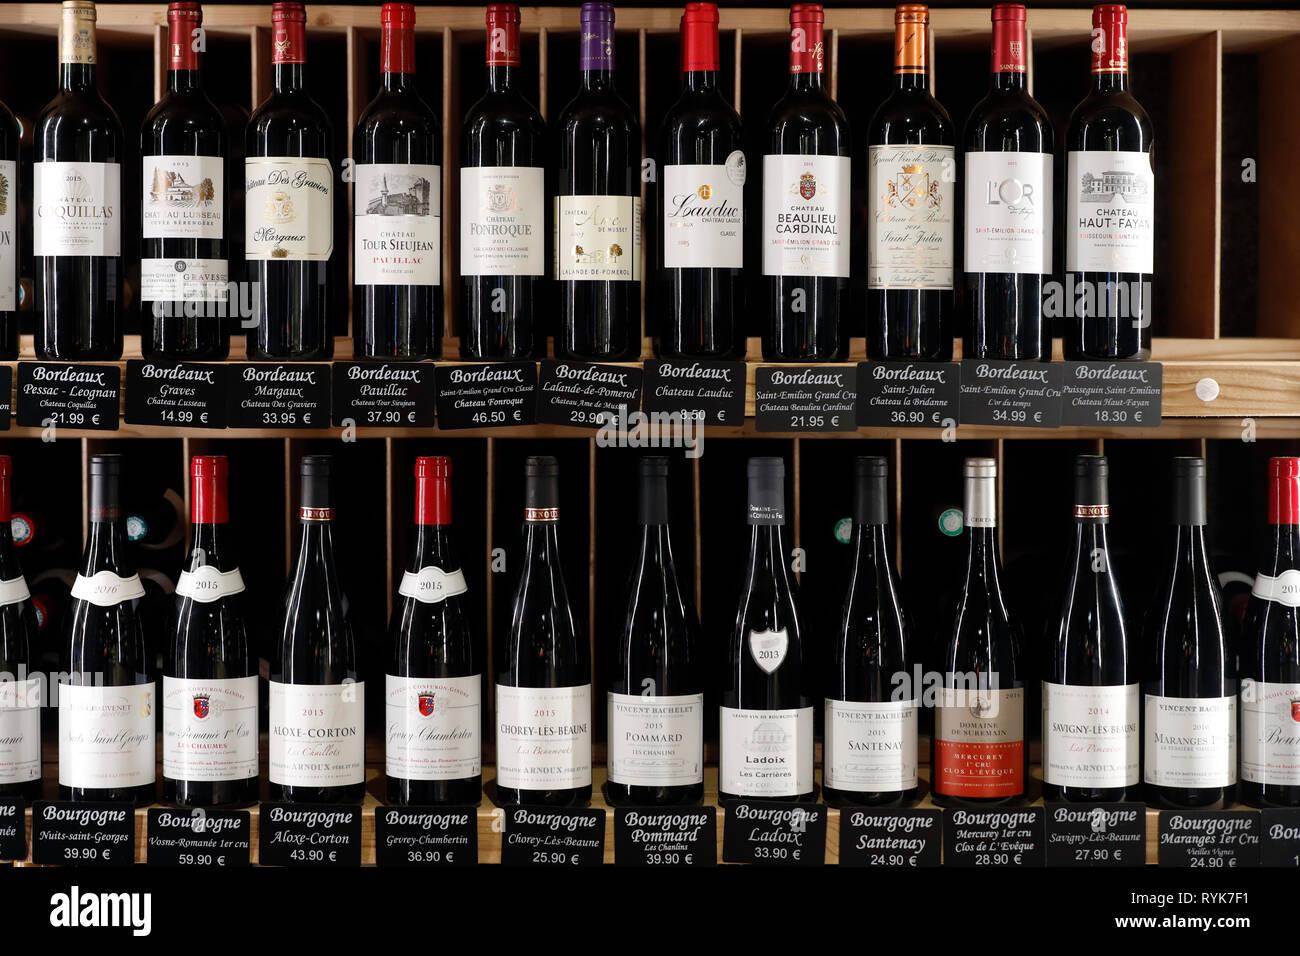 Boutique de vins. Sélection de vins français à la vente. La France. Photo Stock